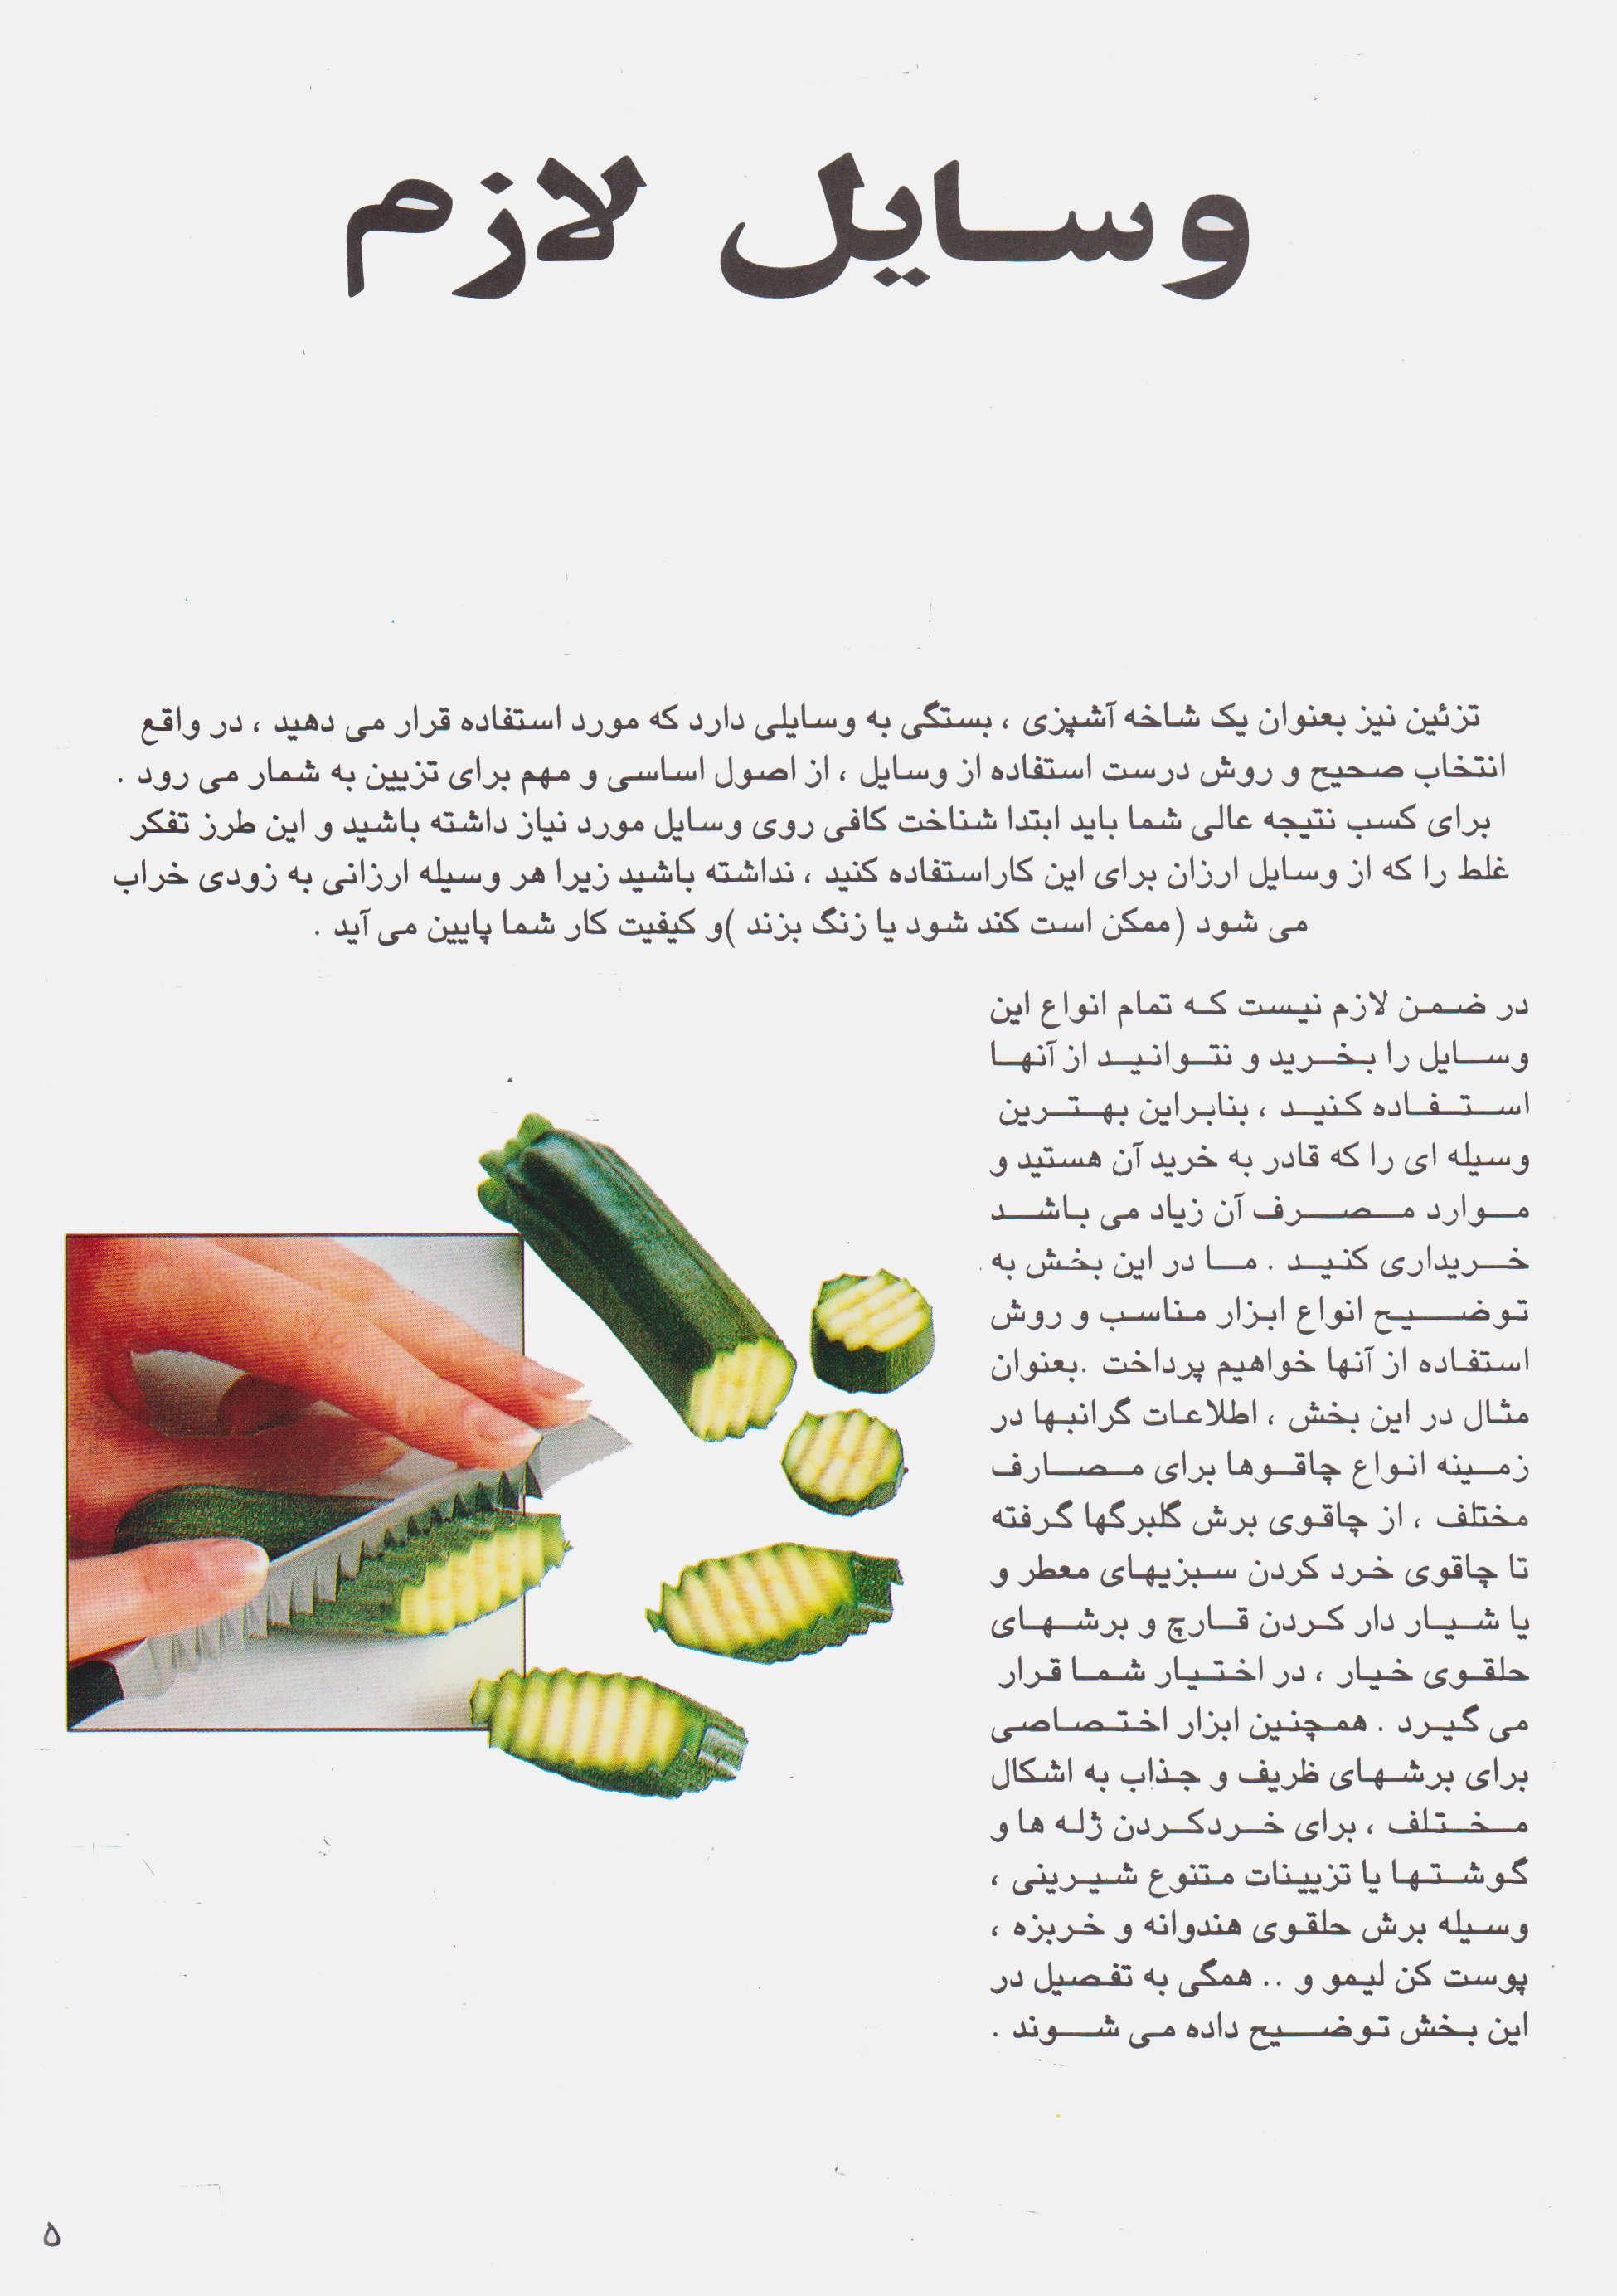 دنیای هنر سبزی آرائی 1 (گلاسه)